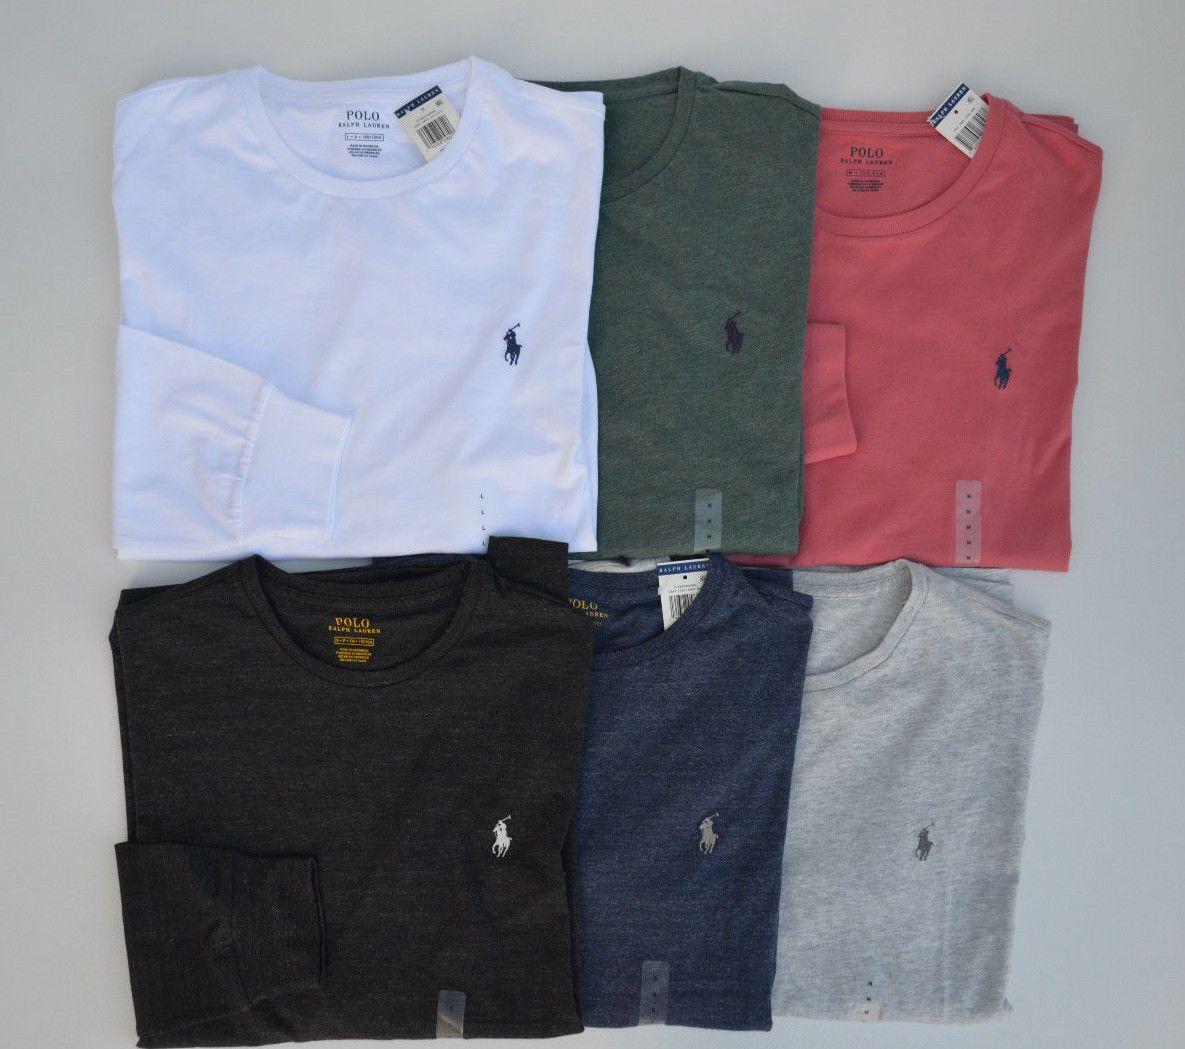 bfc50d283 Polo Ralph Lauren Longsleeve T Shirt MSRP: $49.50 Fit: Standard Material:  100%